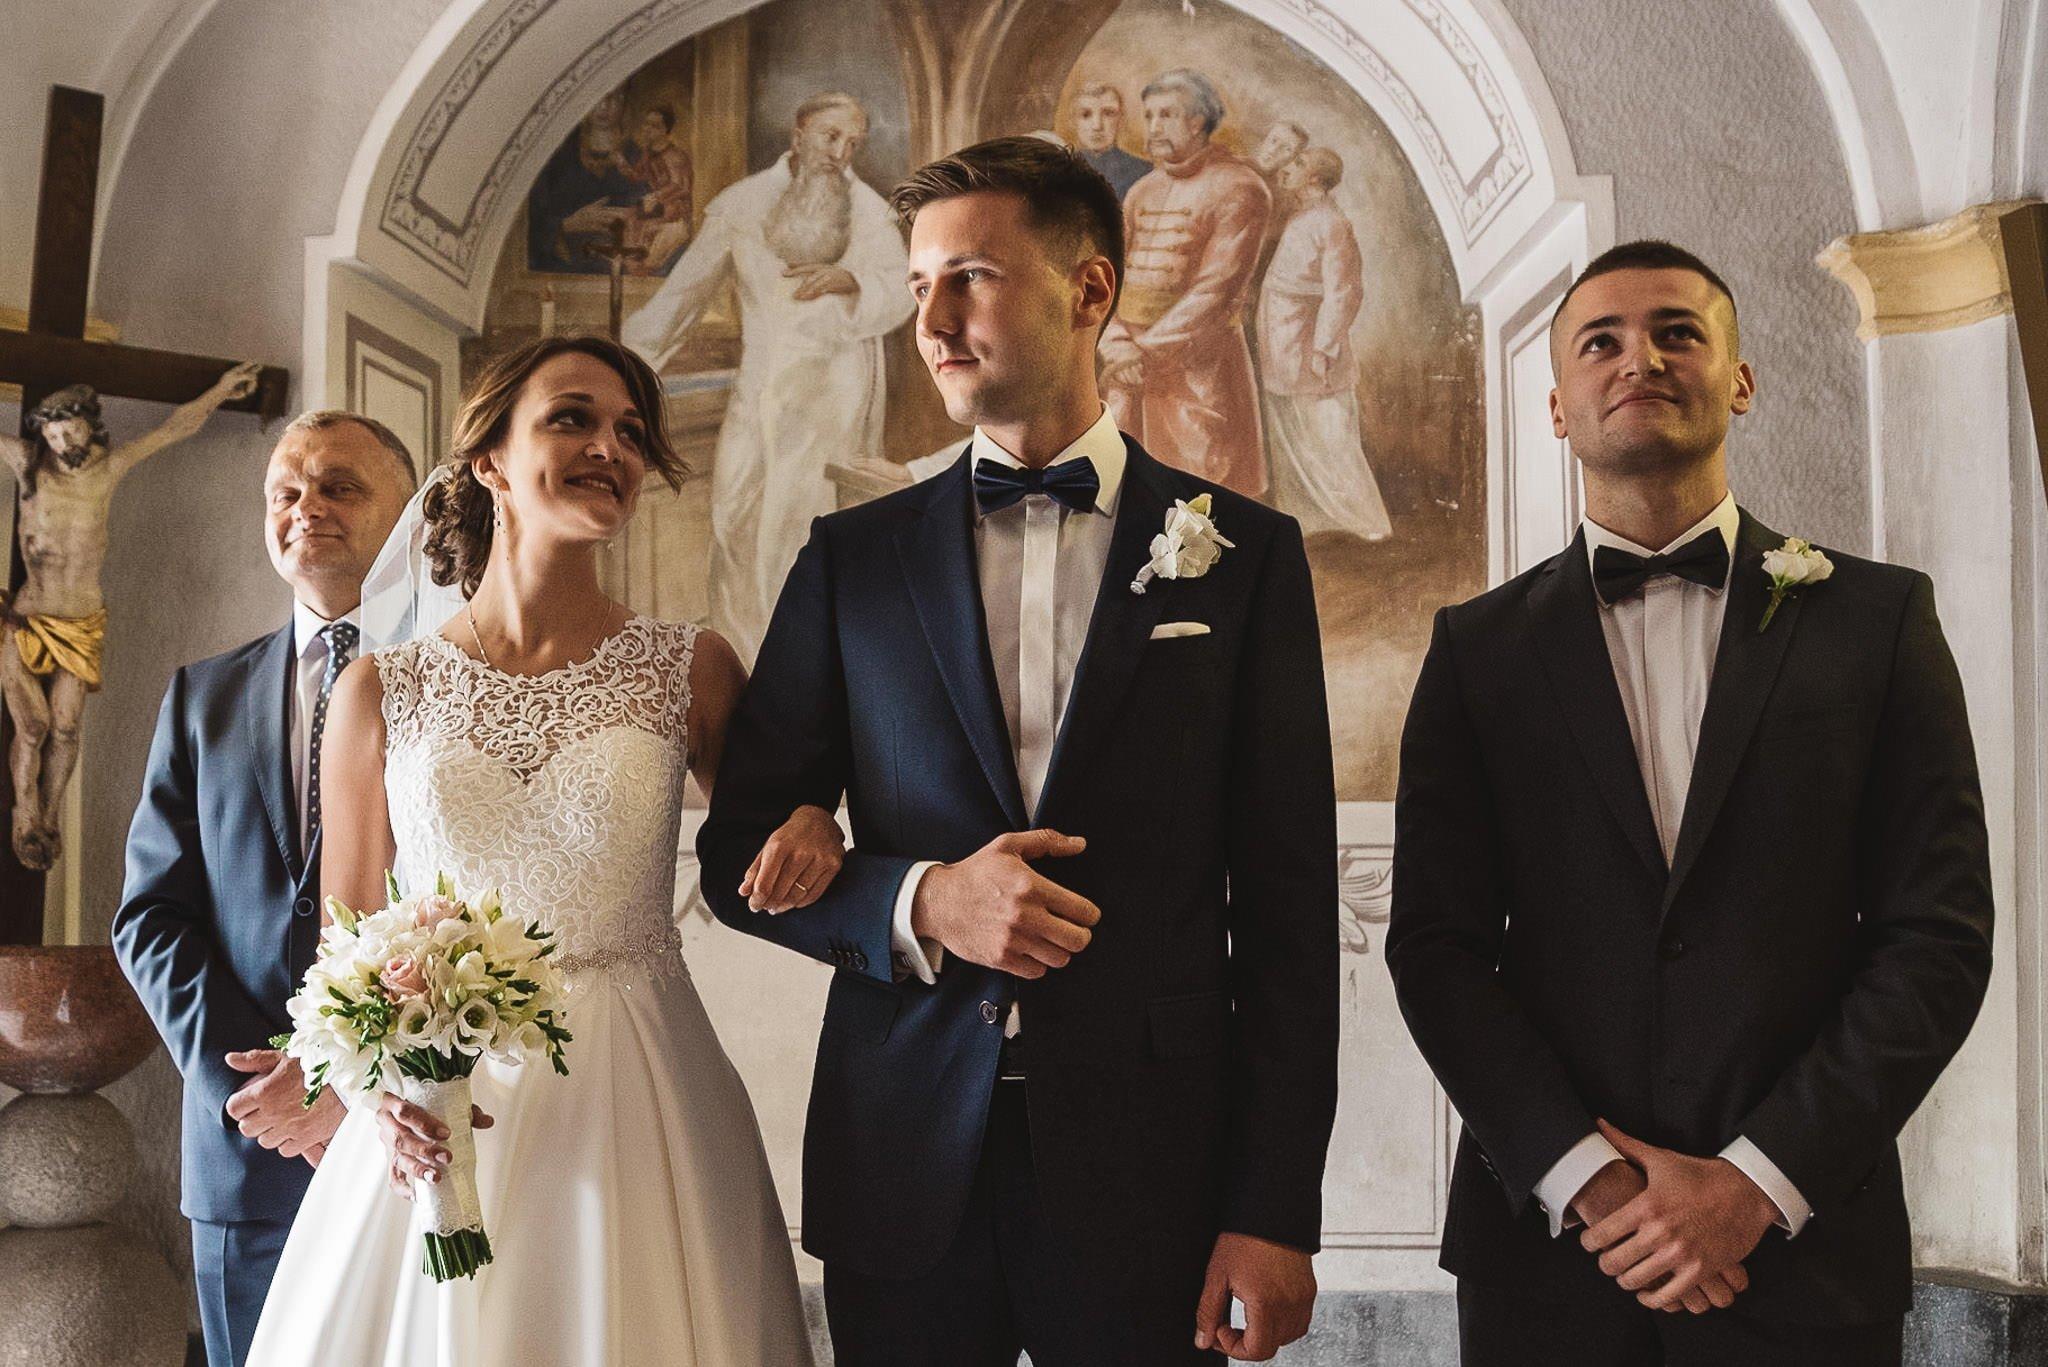 Monika i Michał, wesele w Paryżu i sesja plenerowa w stadninie koni w Czołowie 92